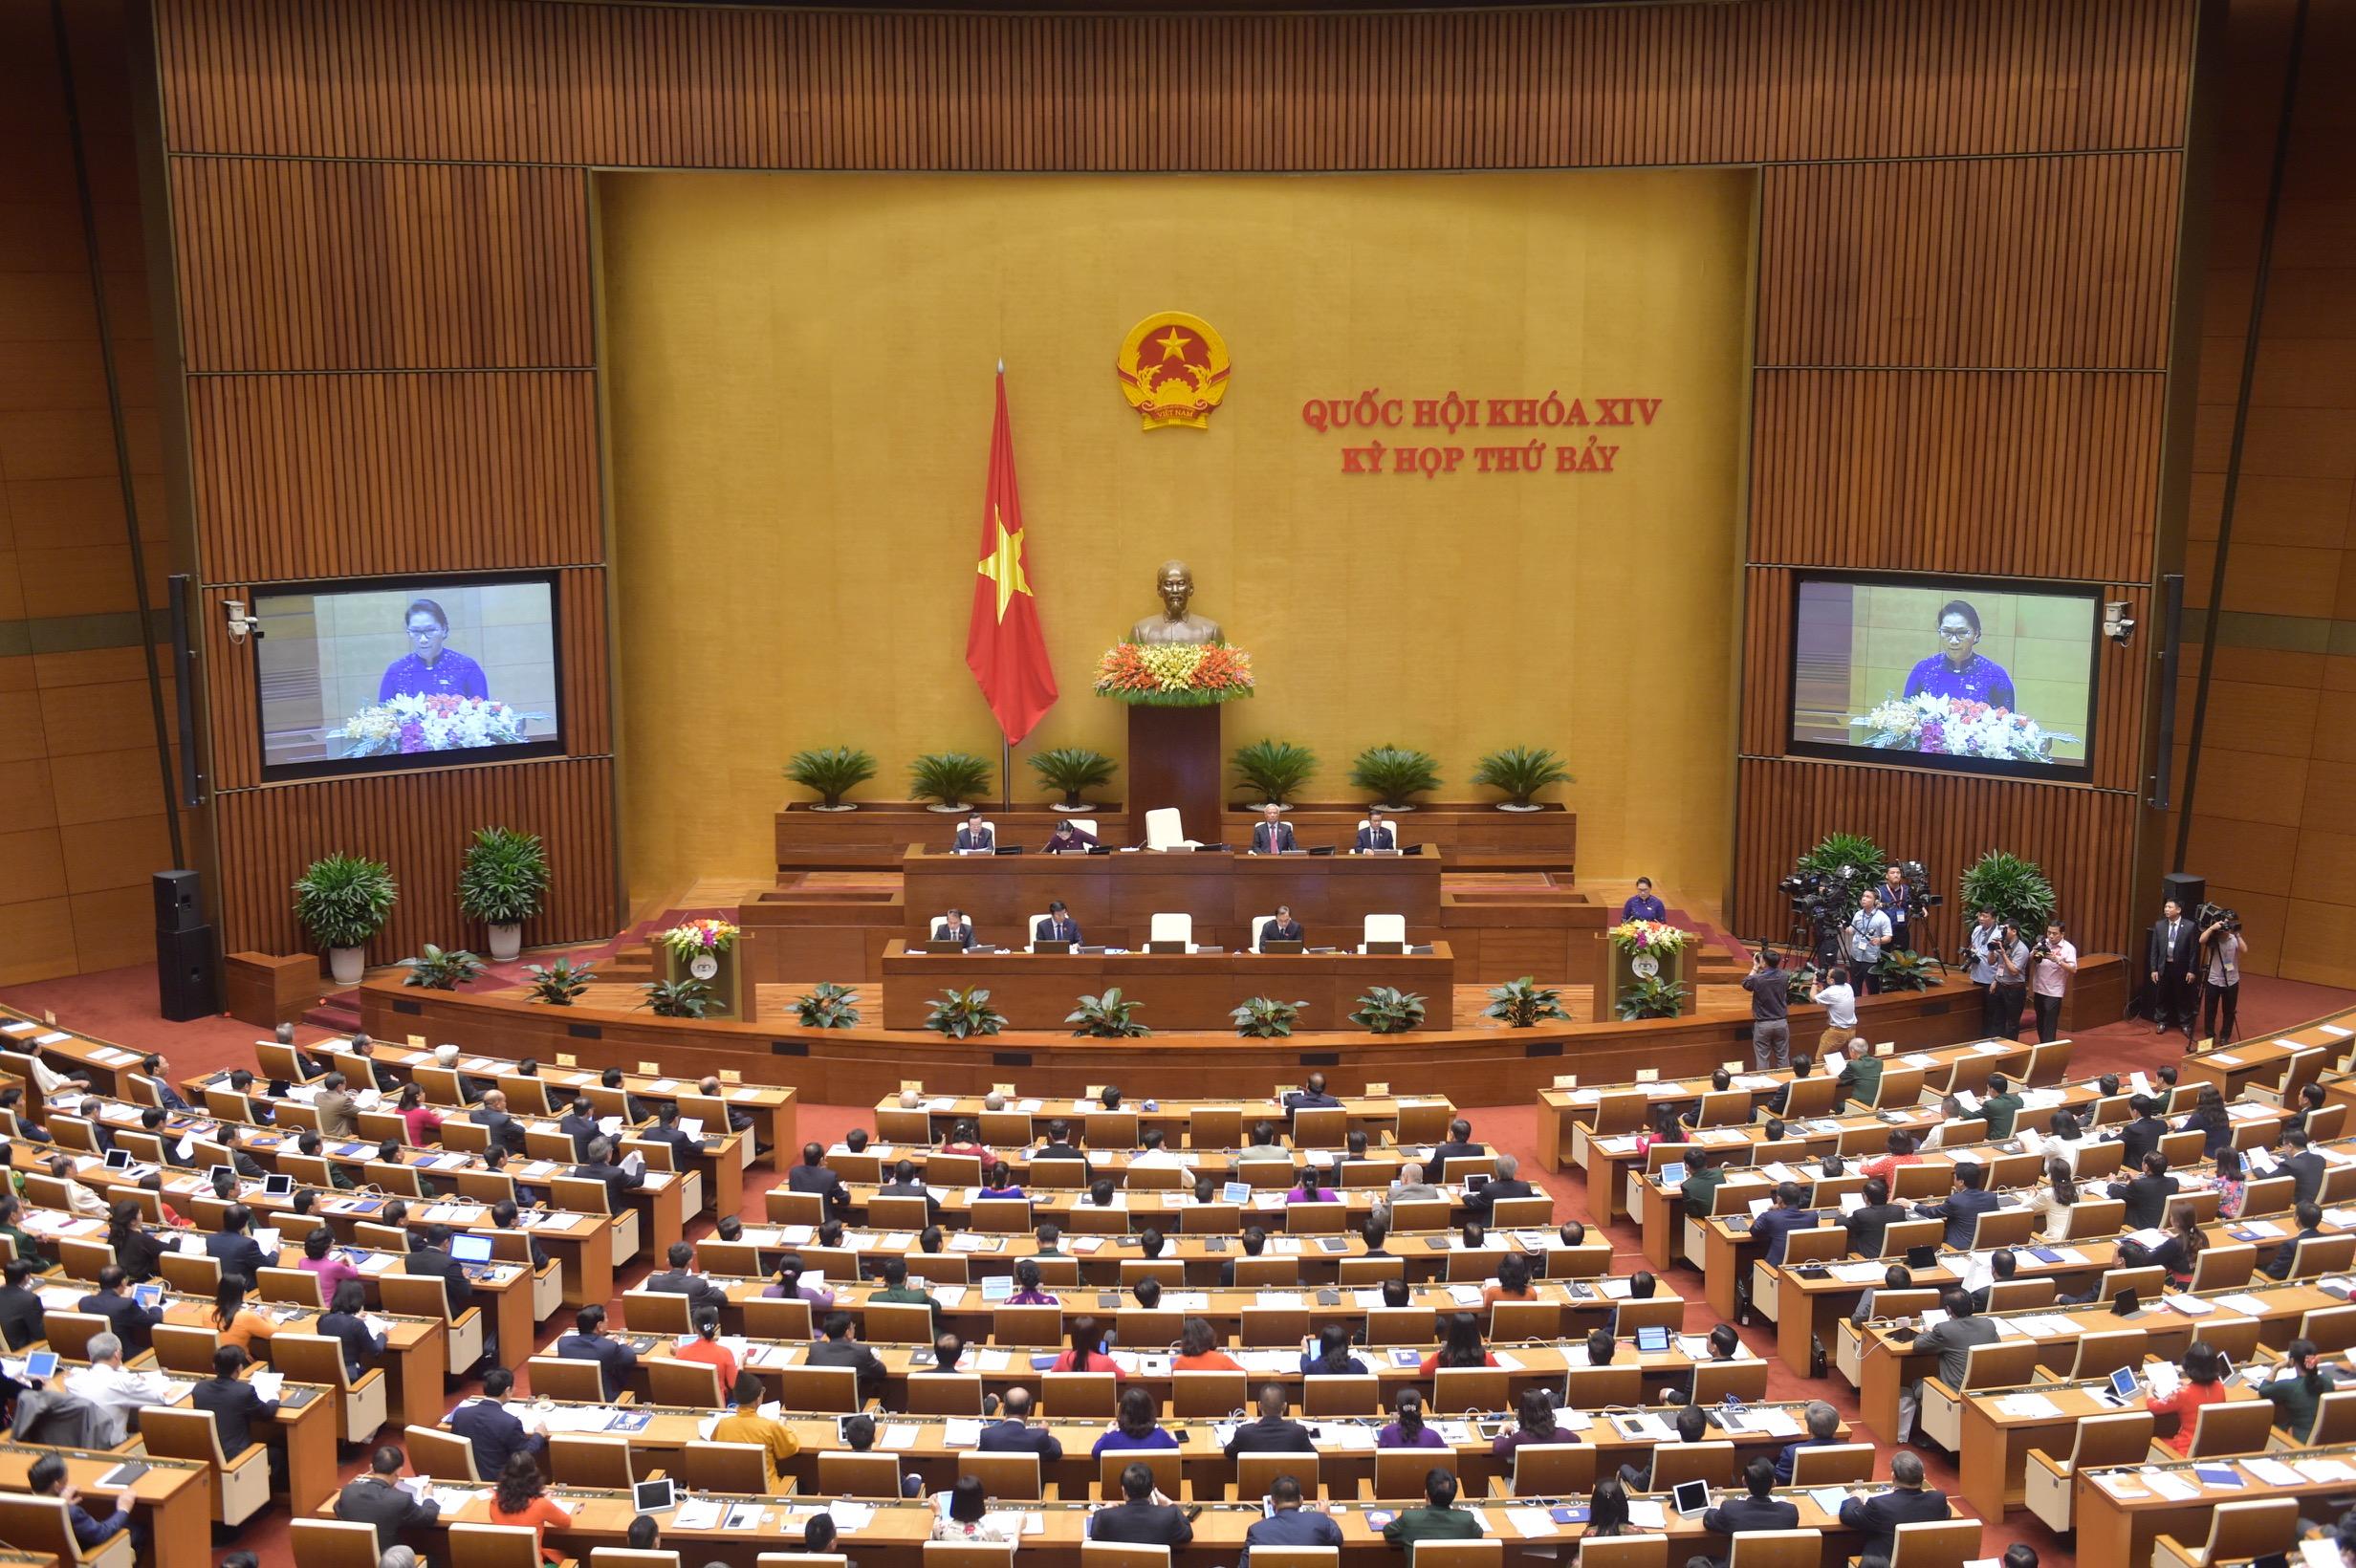 Tuyên truyền kết quả Kỳ họp thứ 7, Quốc hội khóa XIV